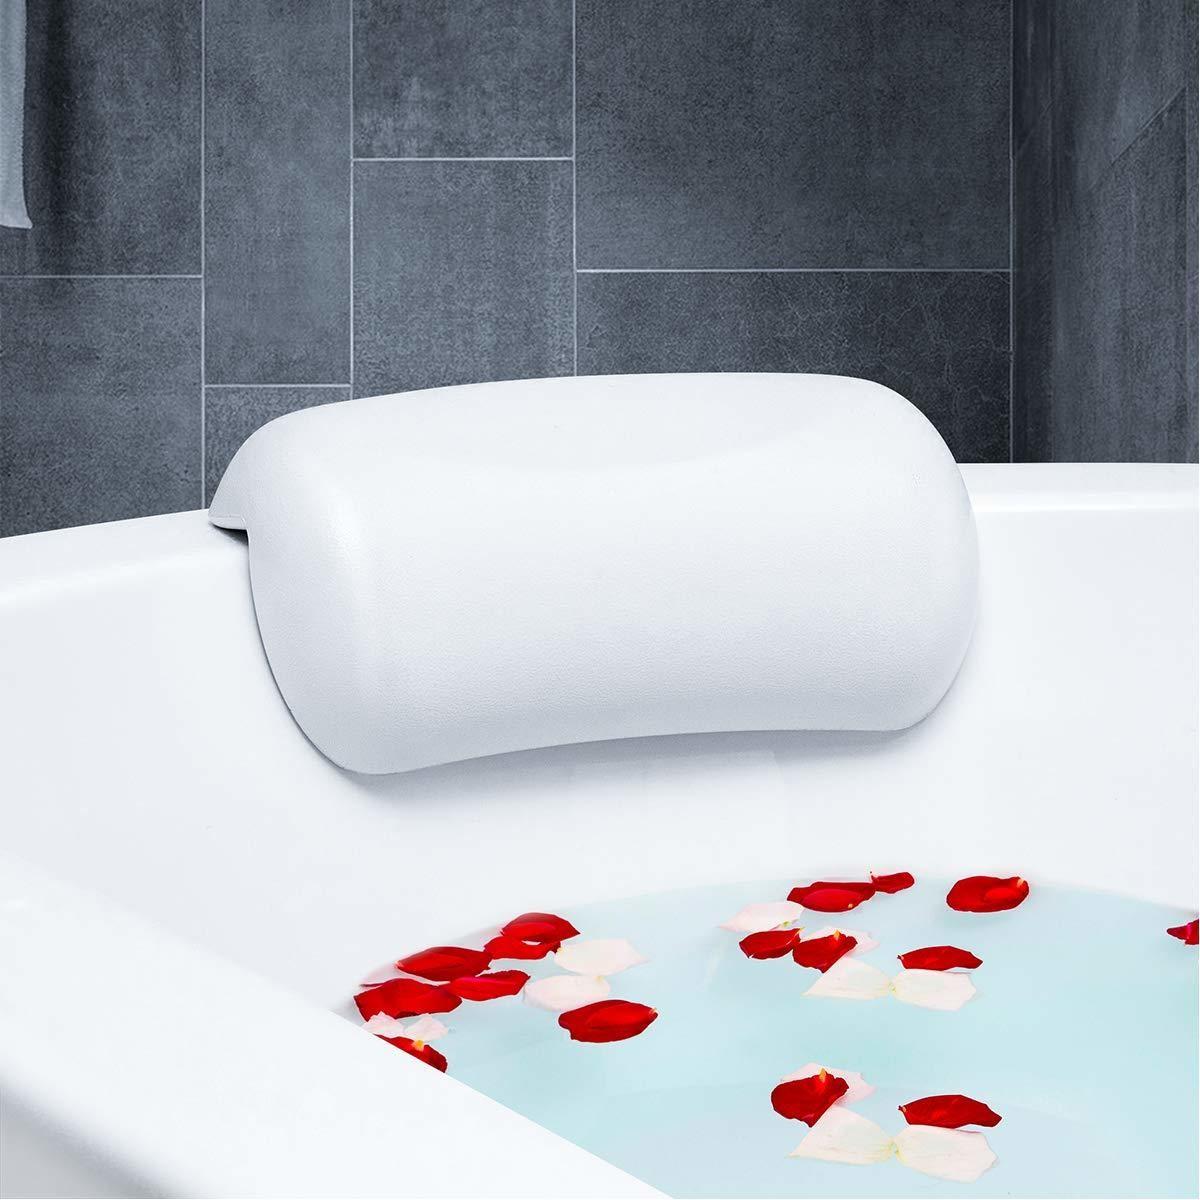 Repose-tête blanc de forme arrondie, ergonomique et anti-dérapant pour baignoire